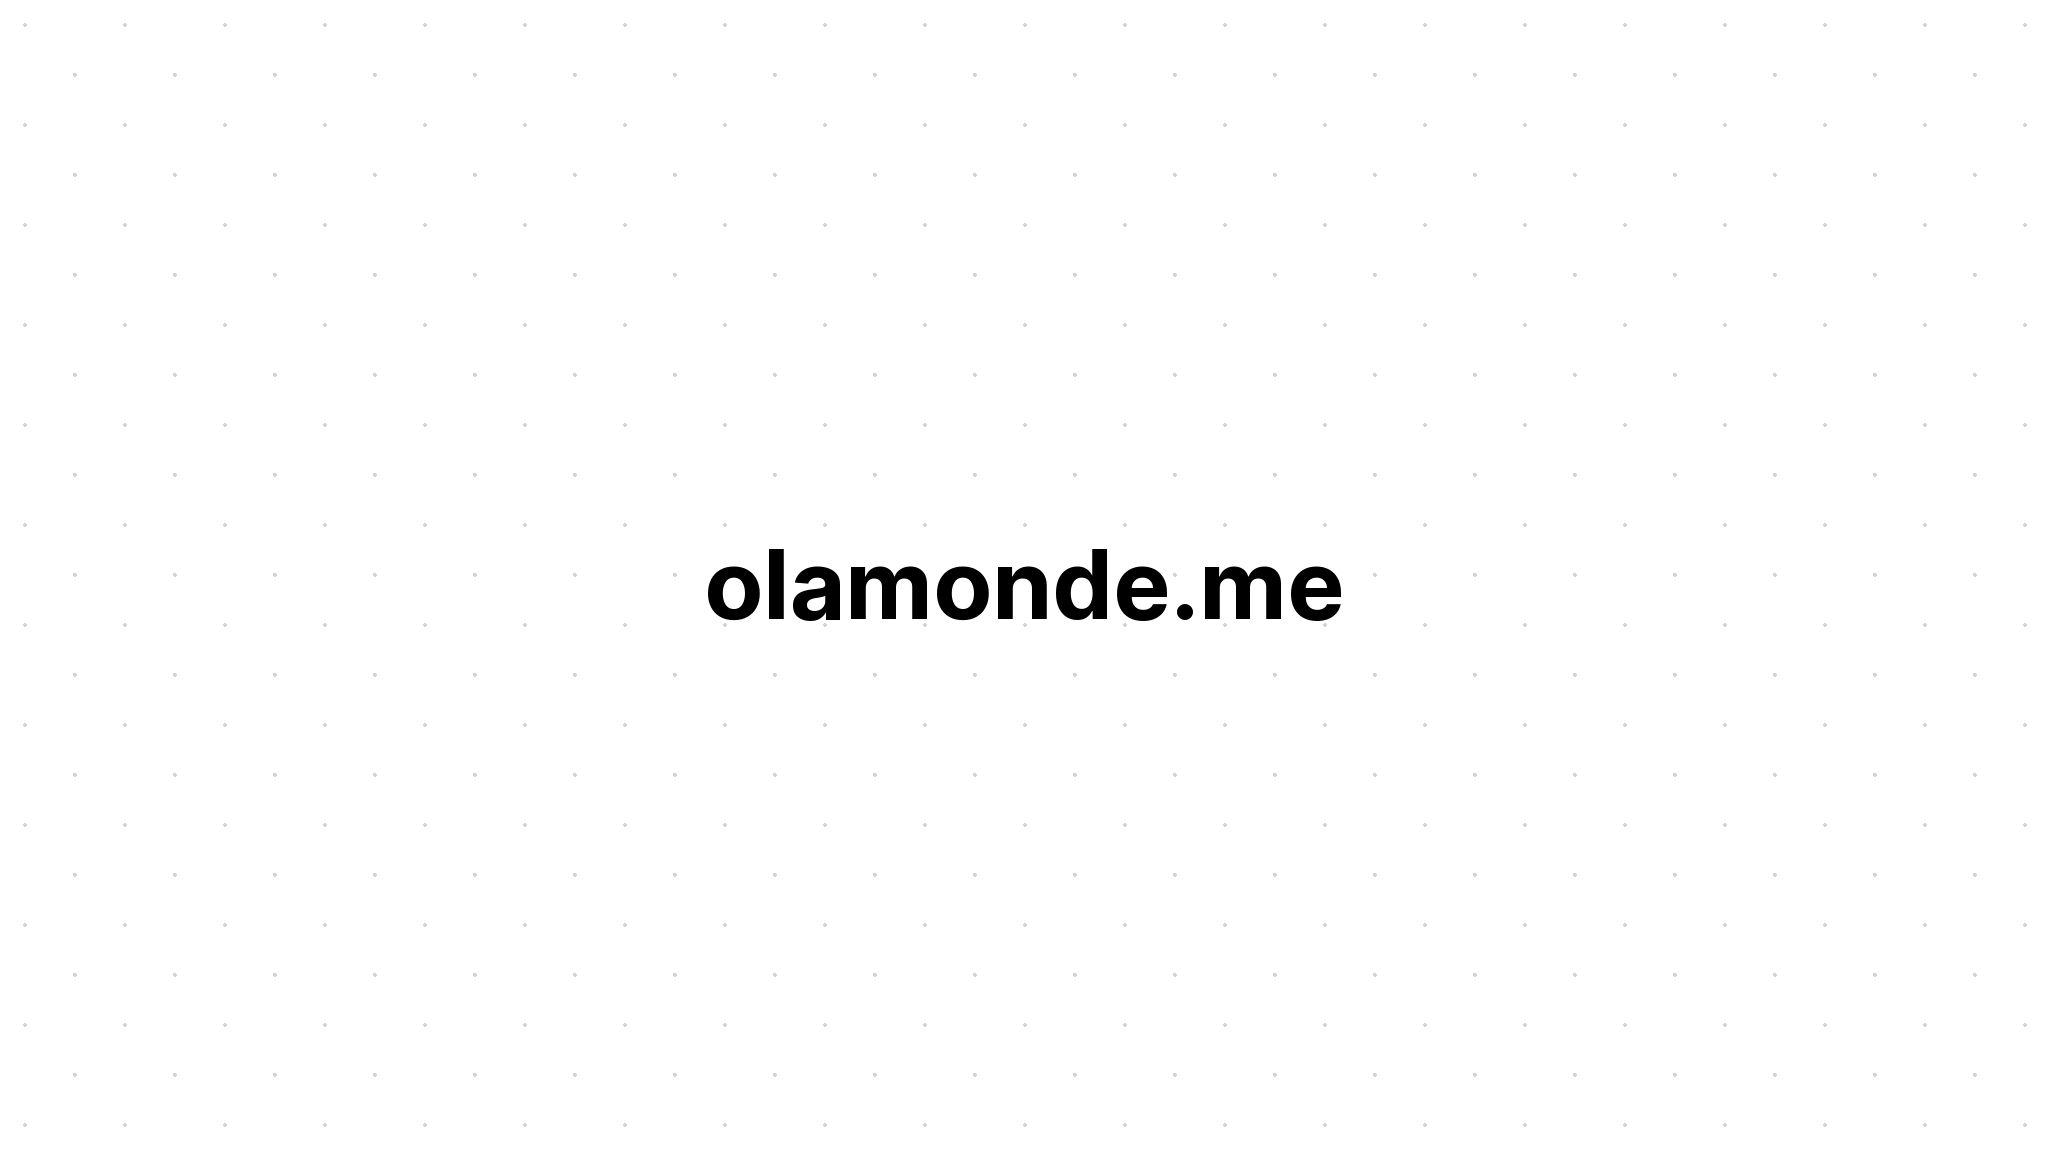 olamonde